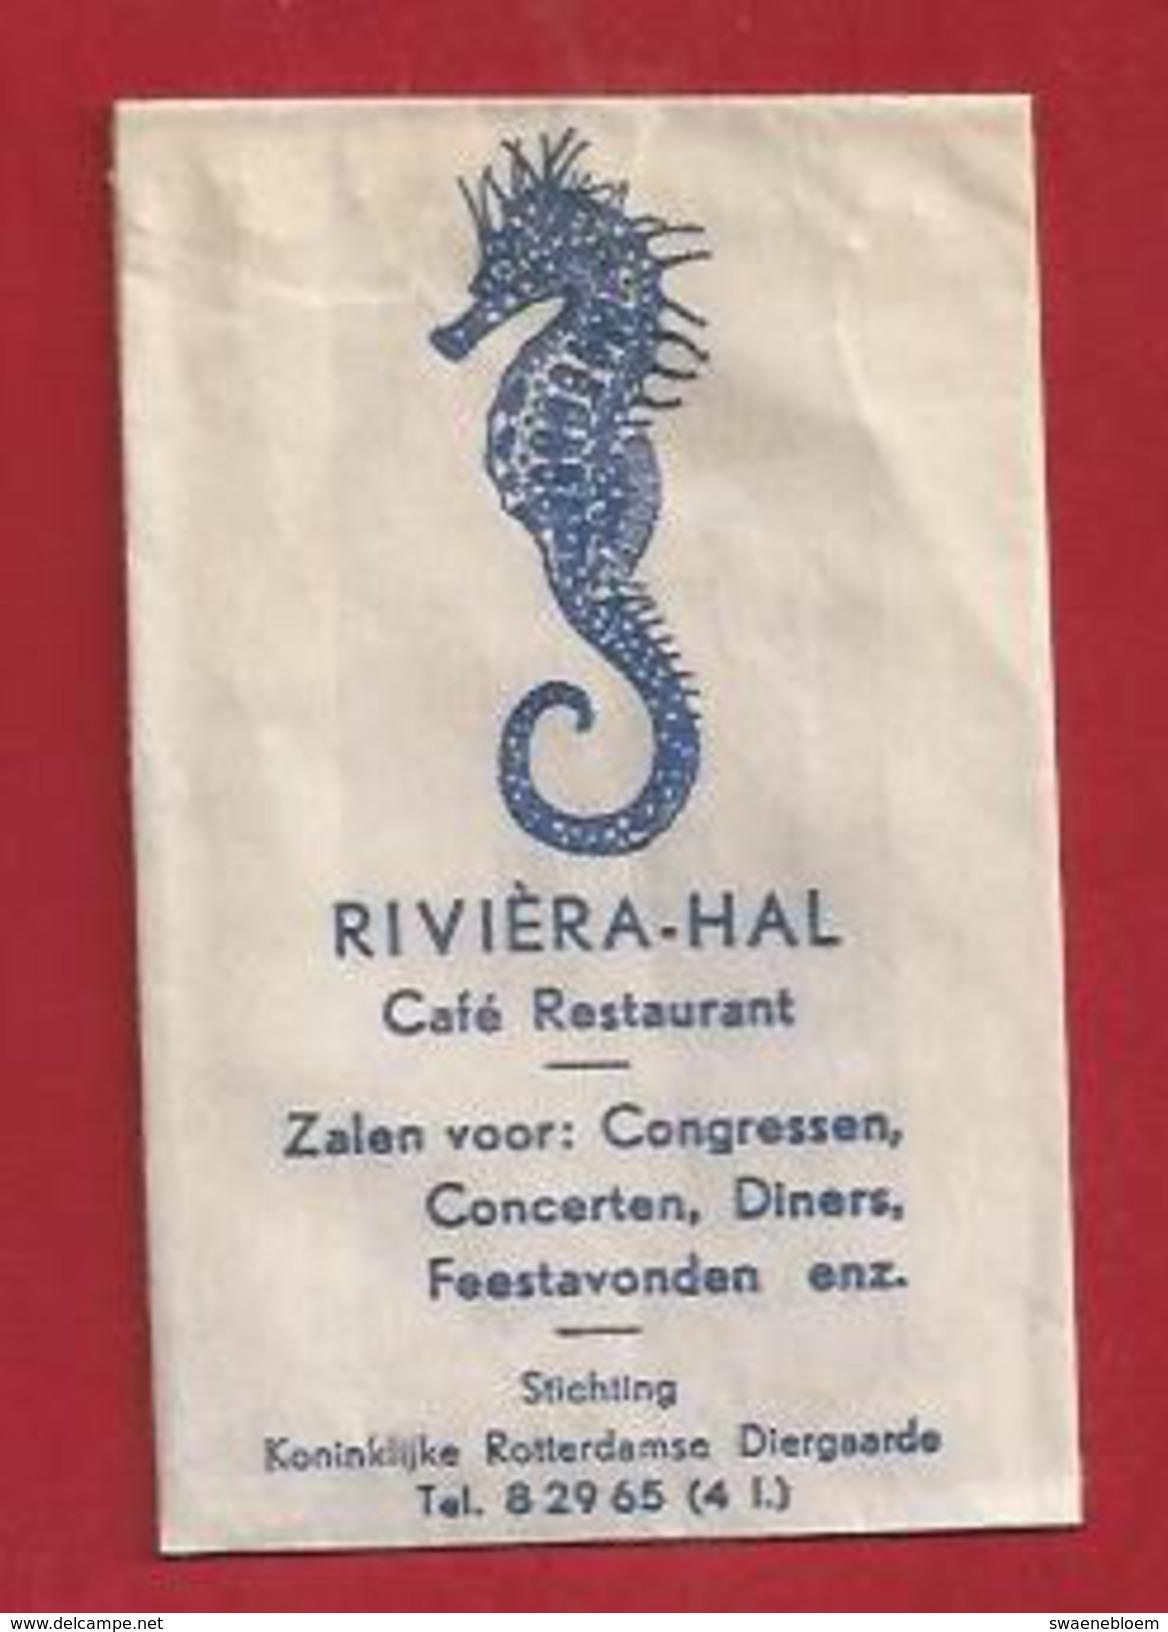 Suikerzakje.- Rotterdam Café Restaurant RIVIERA-HAL. Stokpaardje. St. Kon. Rotterdamse Diergaarde. Zucker. 2 Scans - Sucres